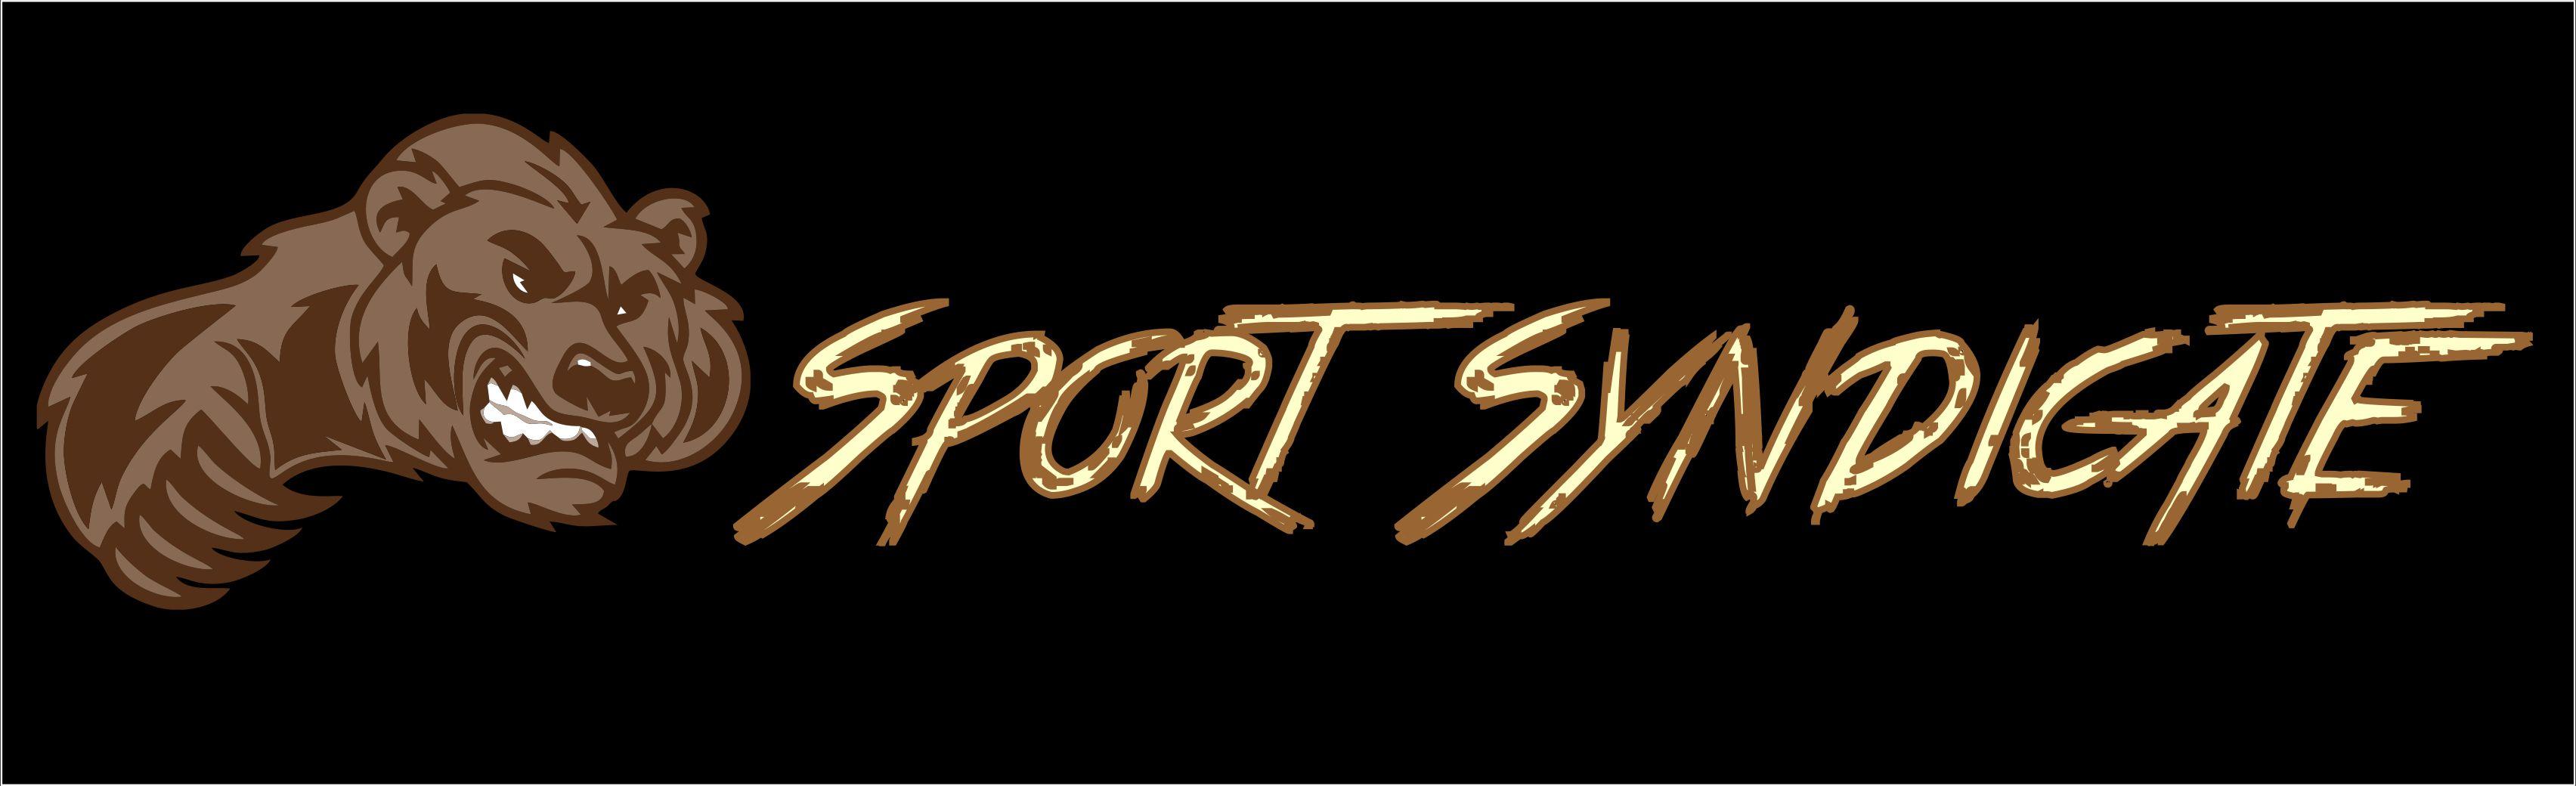 Создать логотип для сети магазинов спортивного питания фото f_48859697cdac6e26.jpg